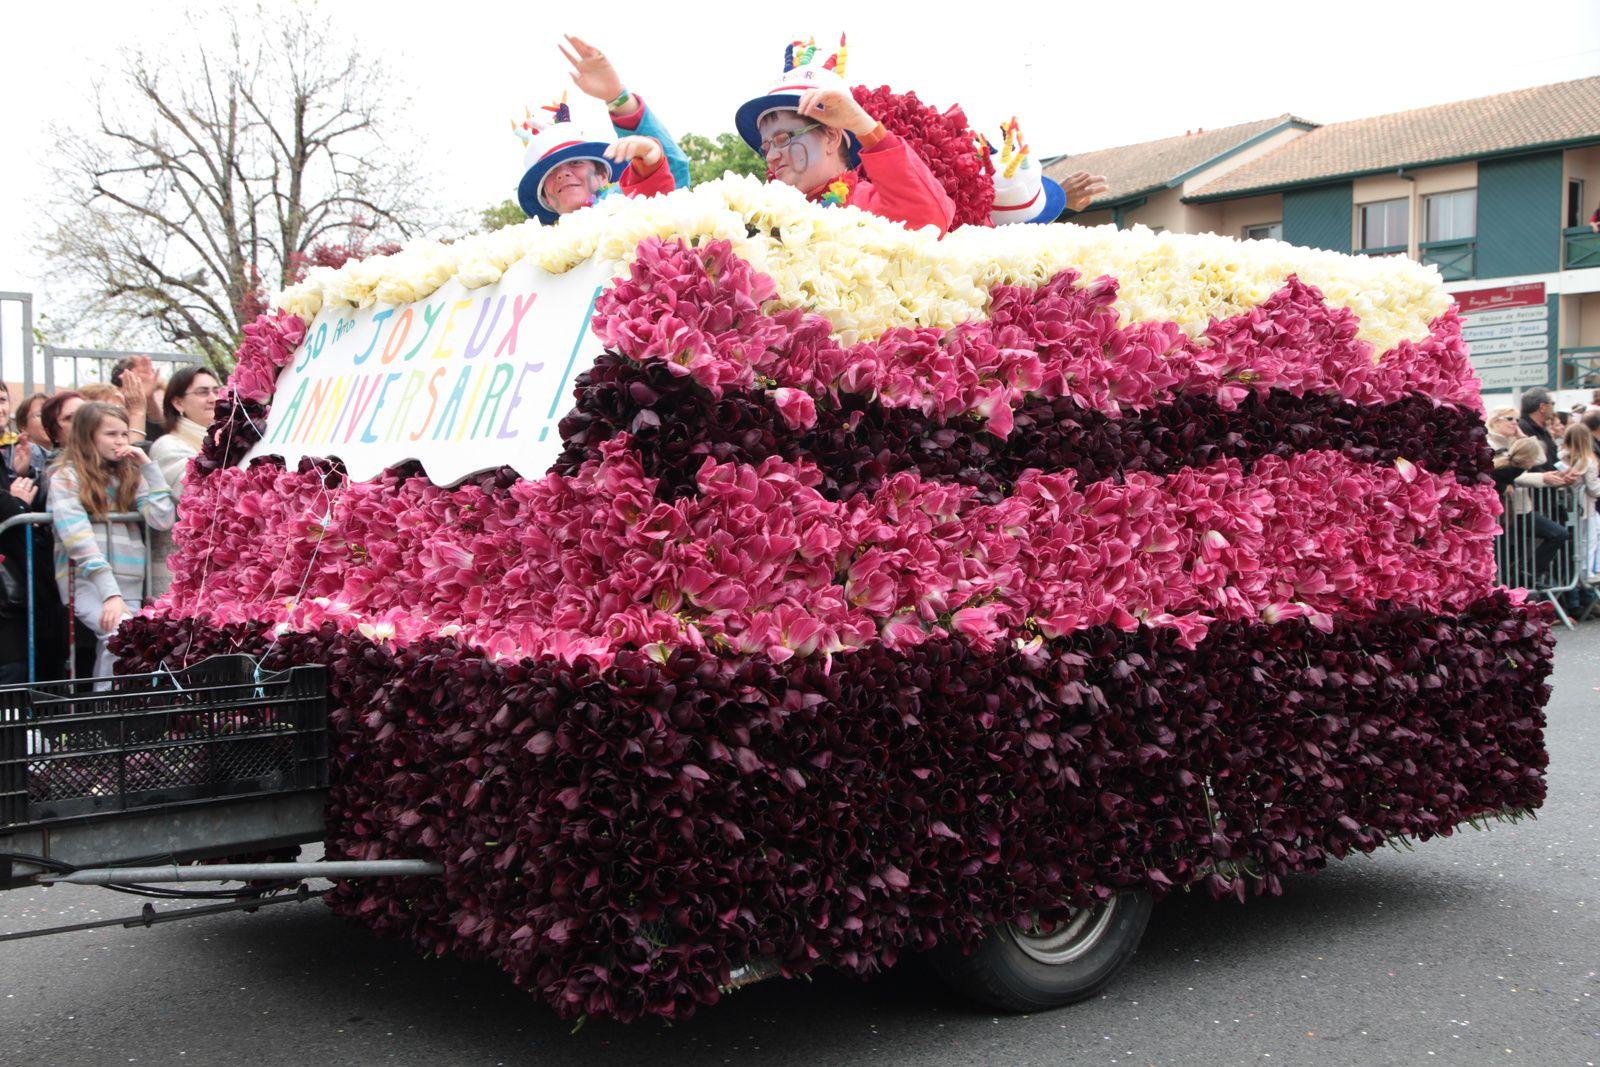 Vous allez à la fête de la Tulipe à Soustons?